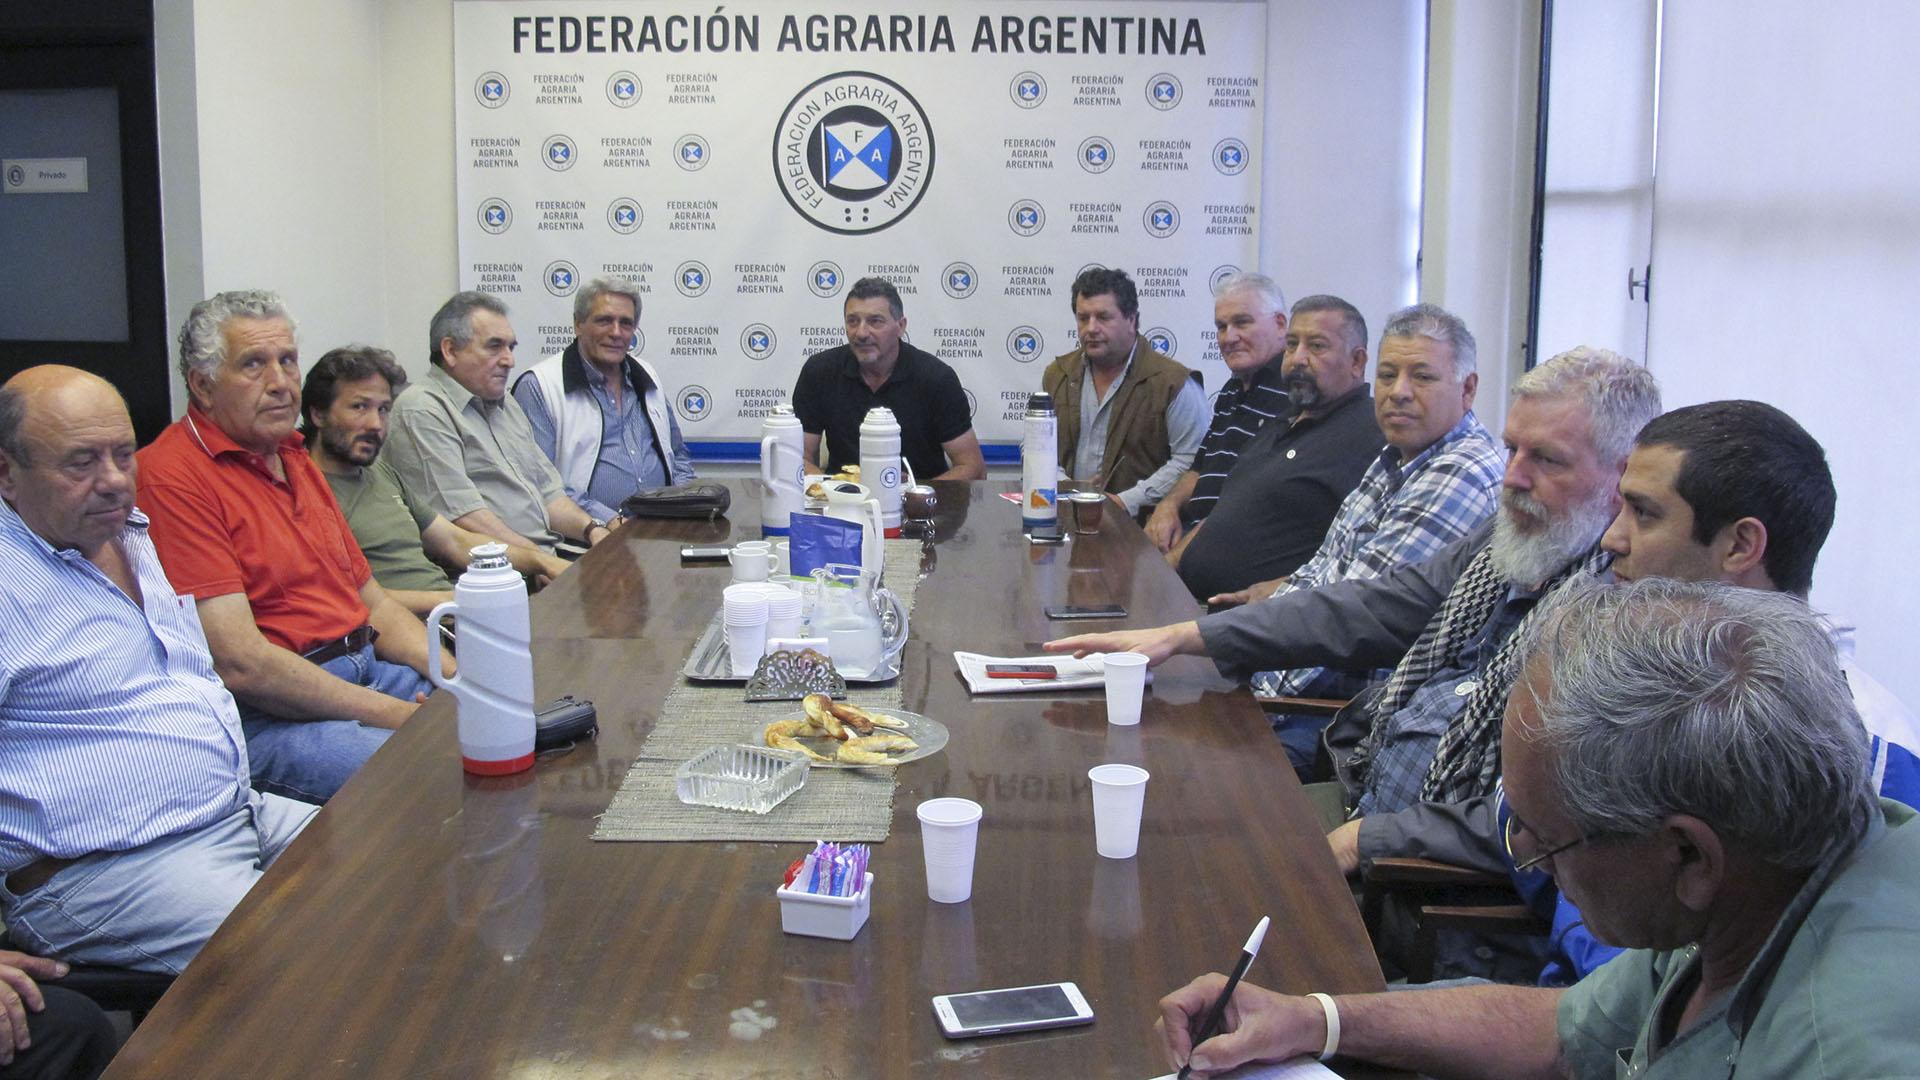 La Federación Agraria Argentina opinó sobre la situación cambiaria y las negociaciones del gobierno nacional con el FMI.